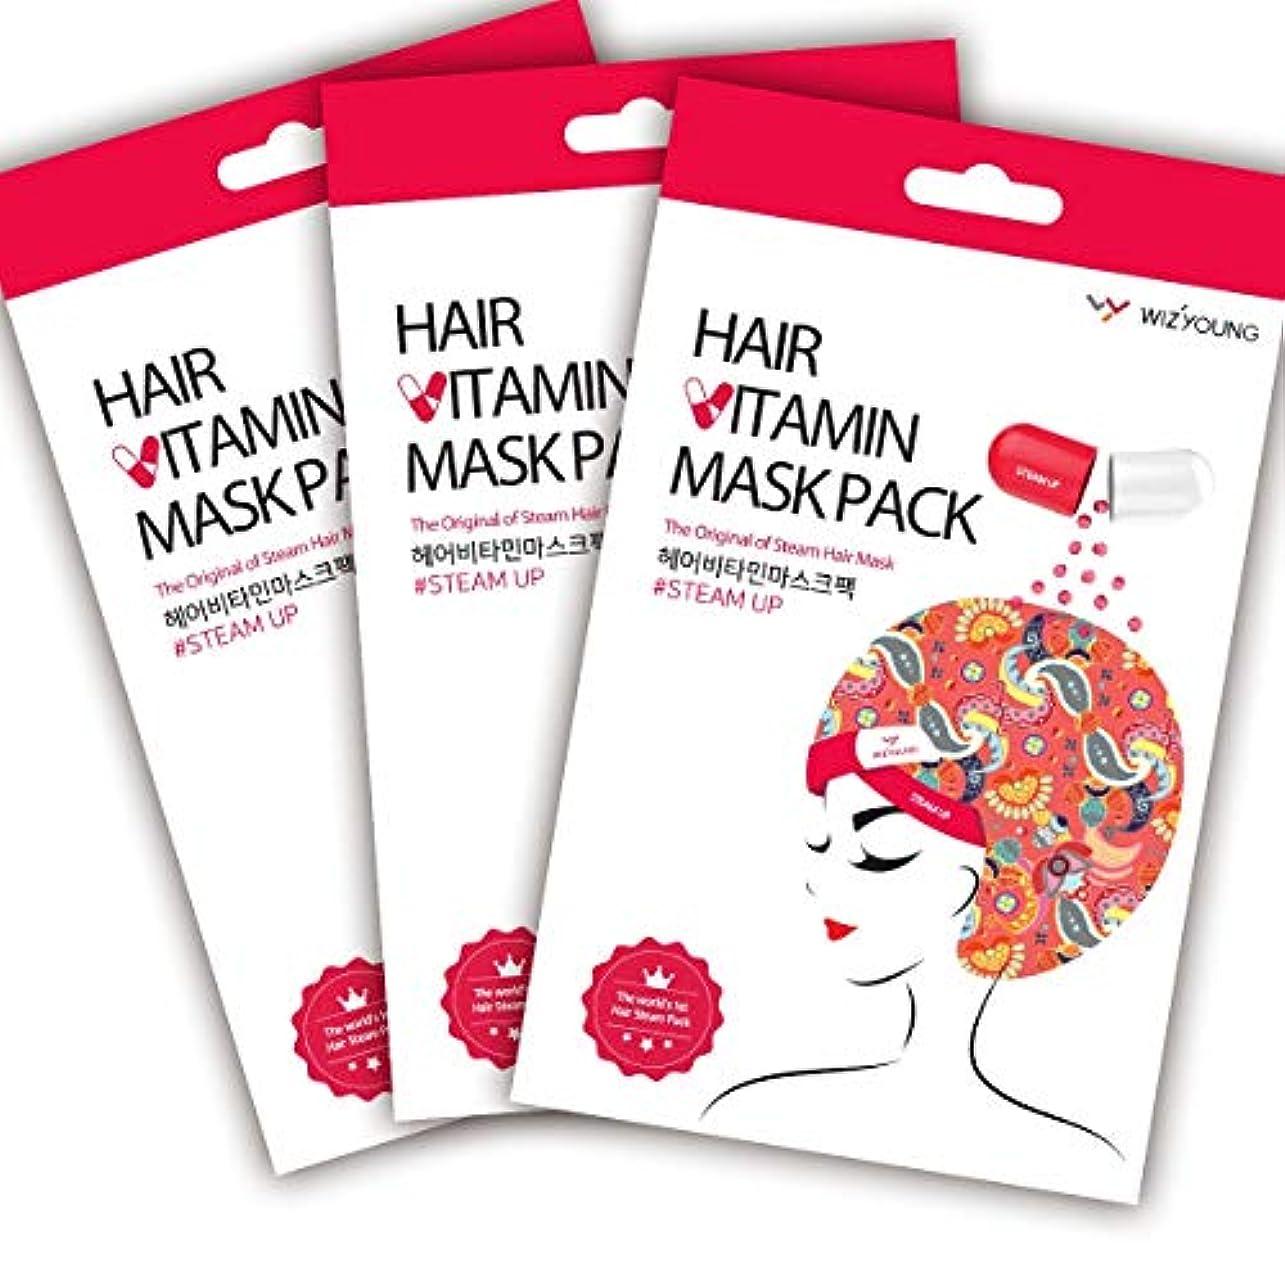 管理する休戦ボタンヘアビタミンマスクパック スチームアップ 3パックセット HAIR VITAMIN MASK PACK STEAM UP